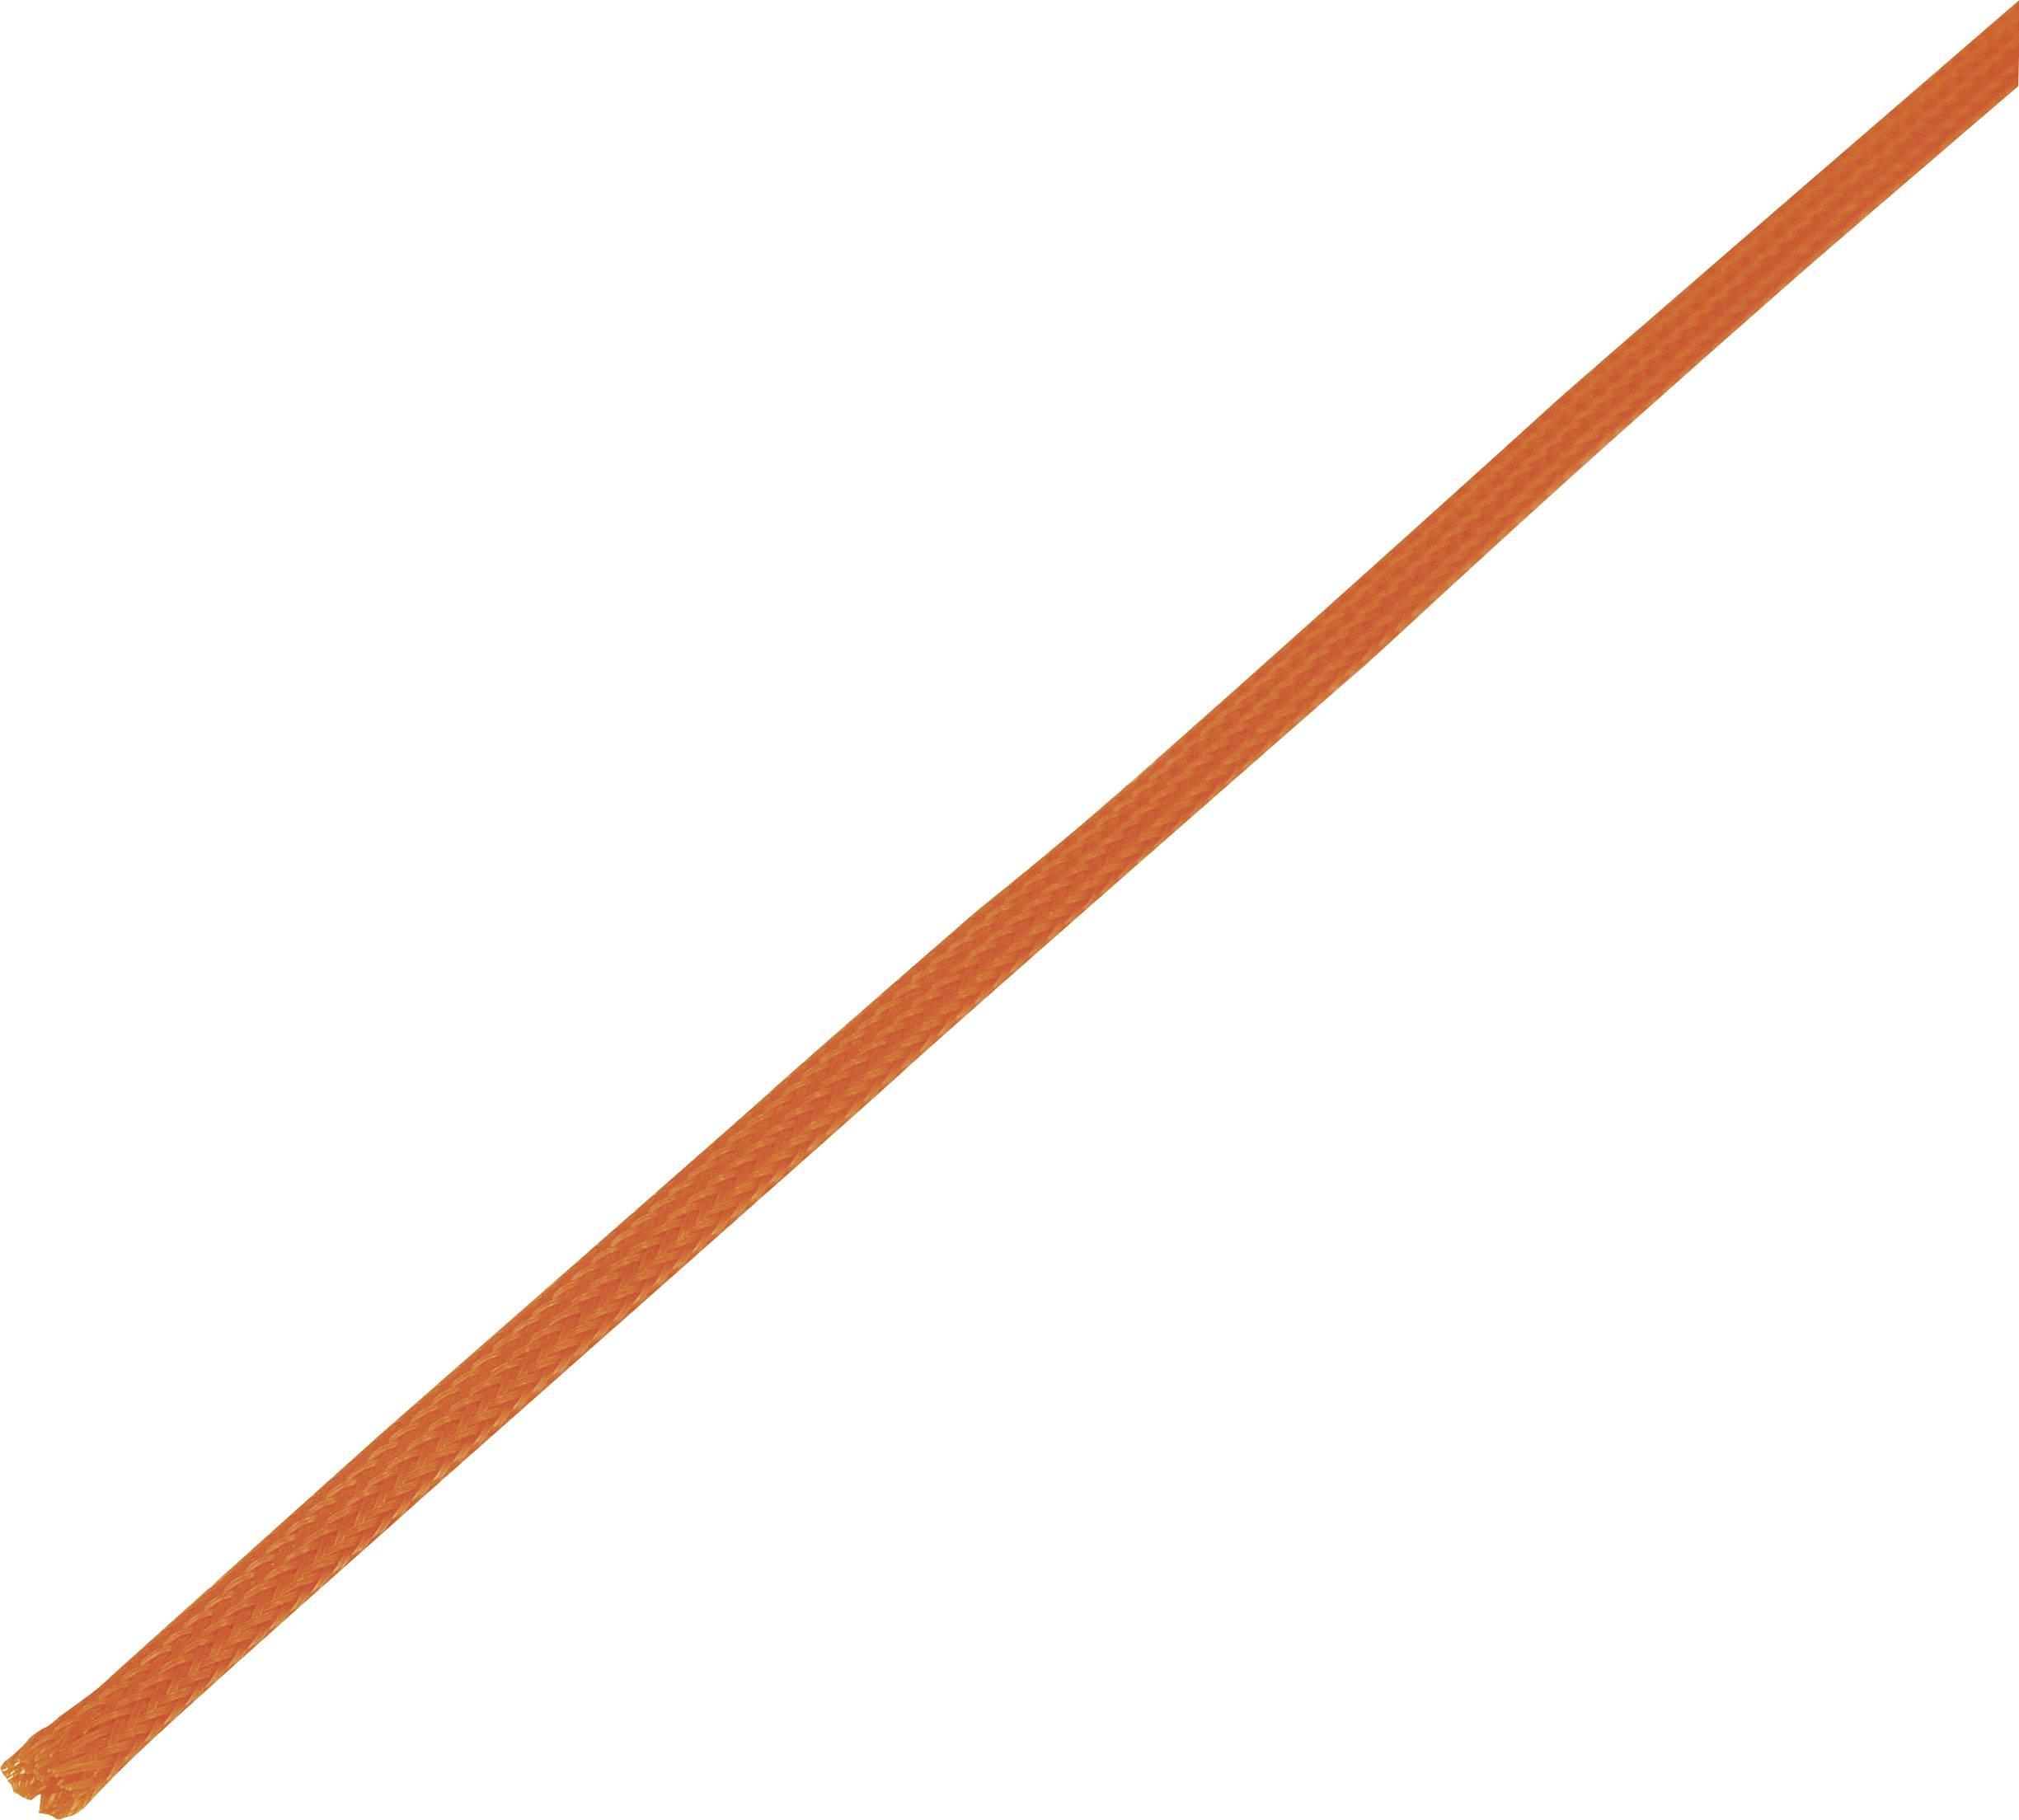 Ochranné opletenie CBBOX0510-OR Ø zväzku: 5 - 10 mm oranžová 10 m